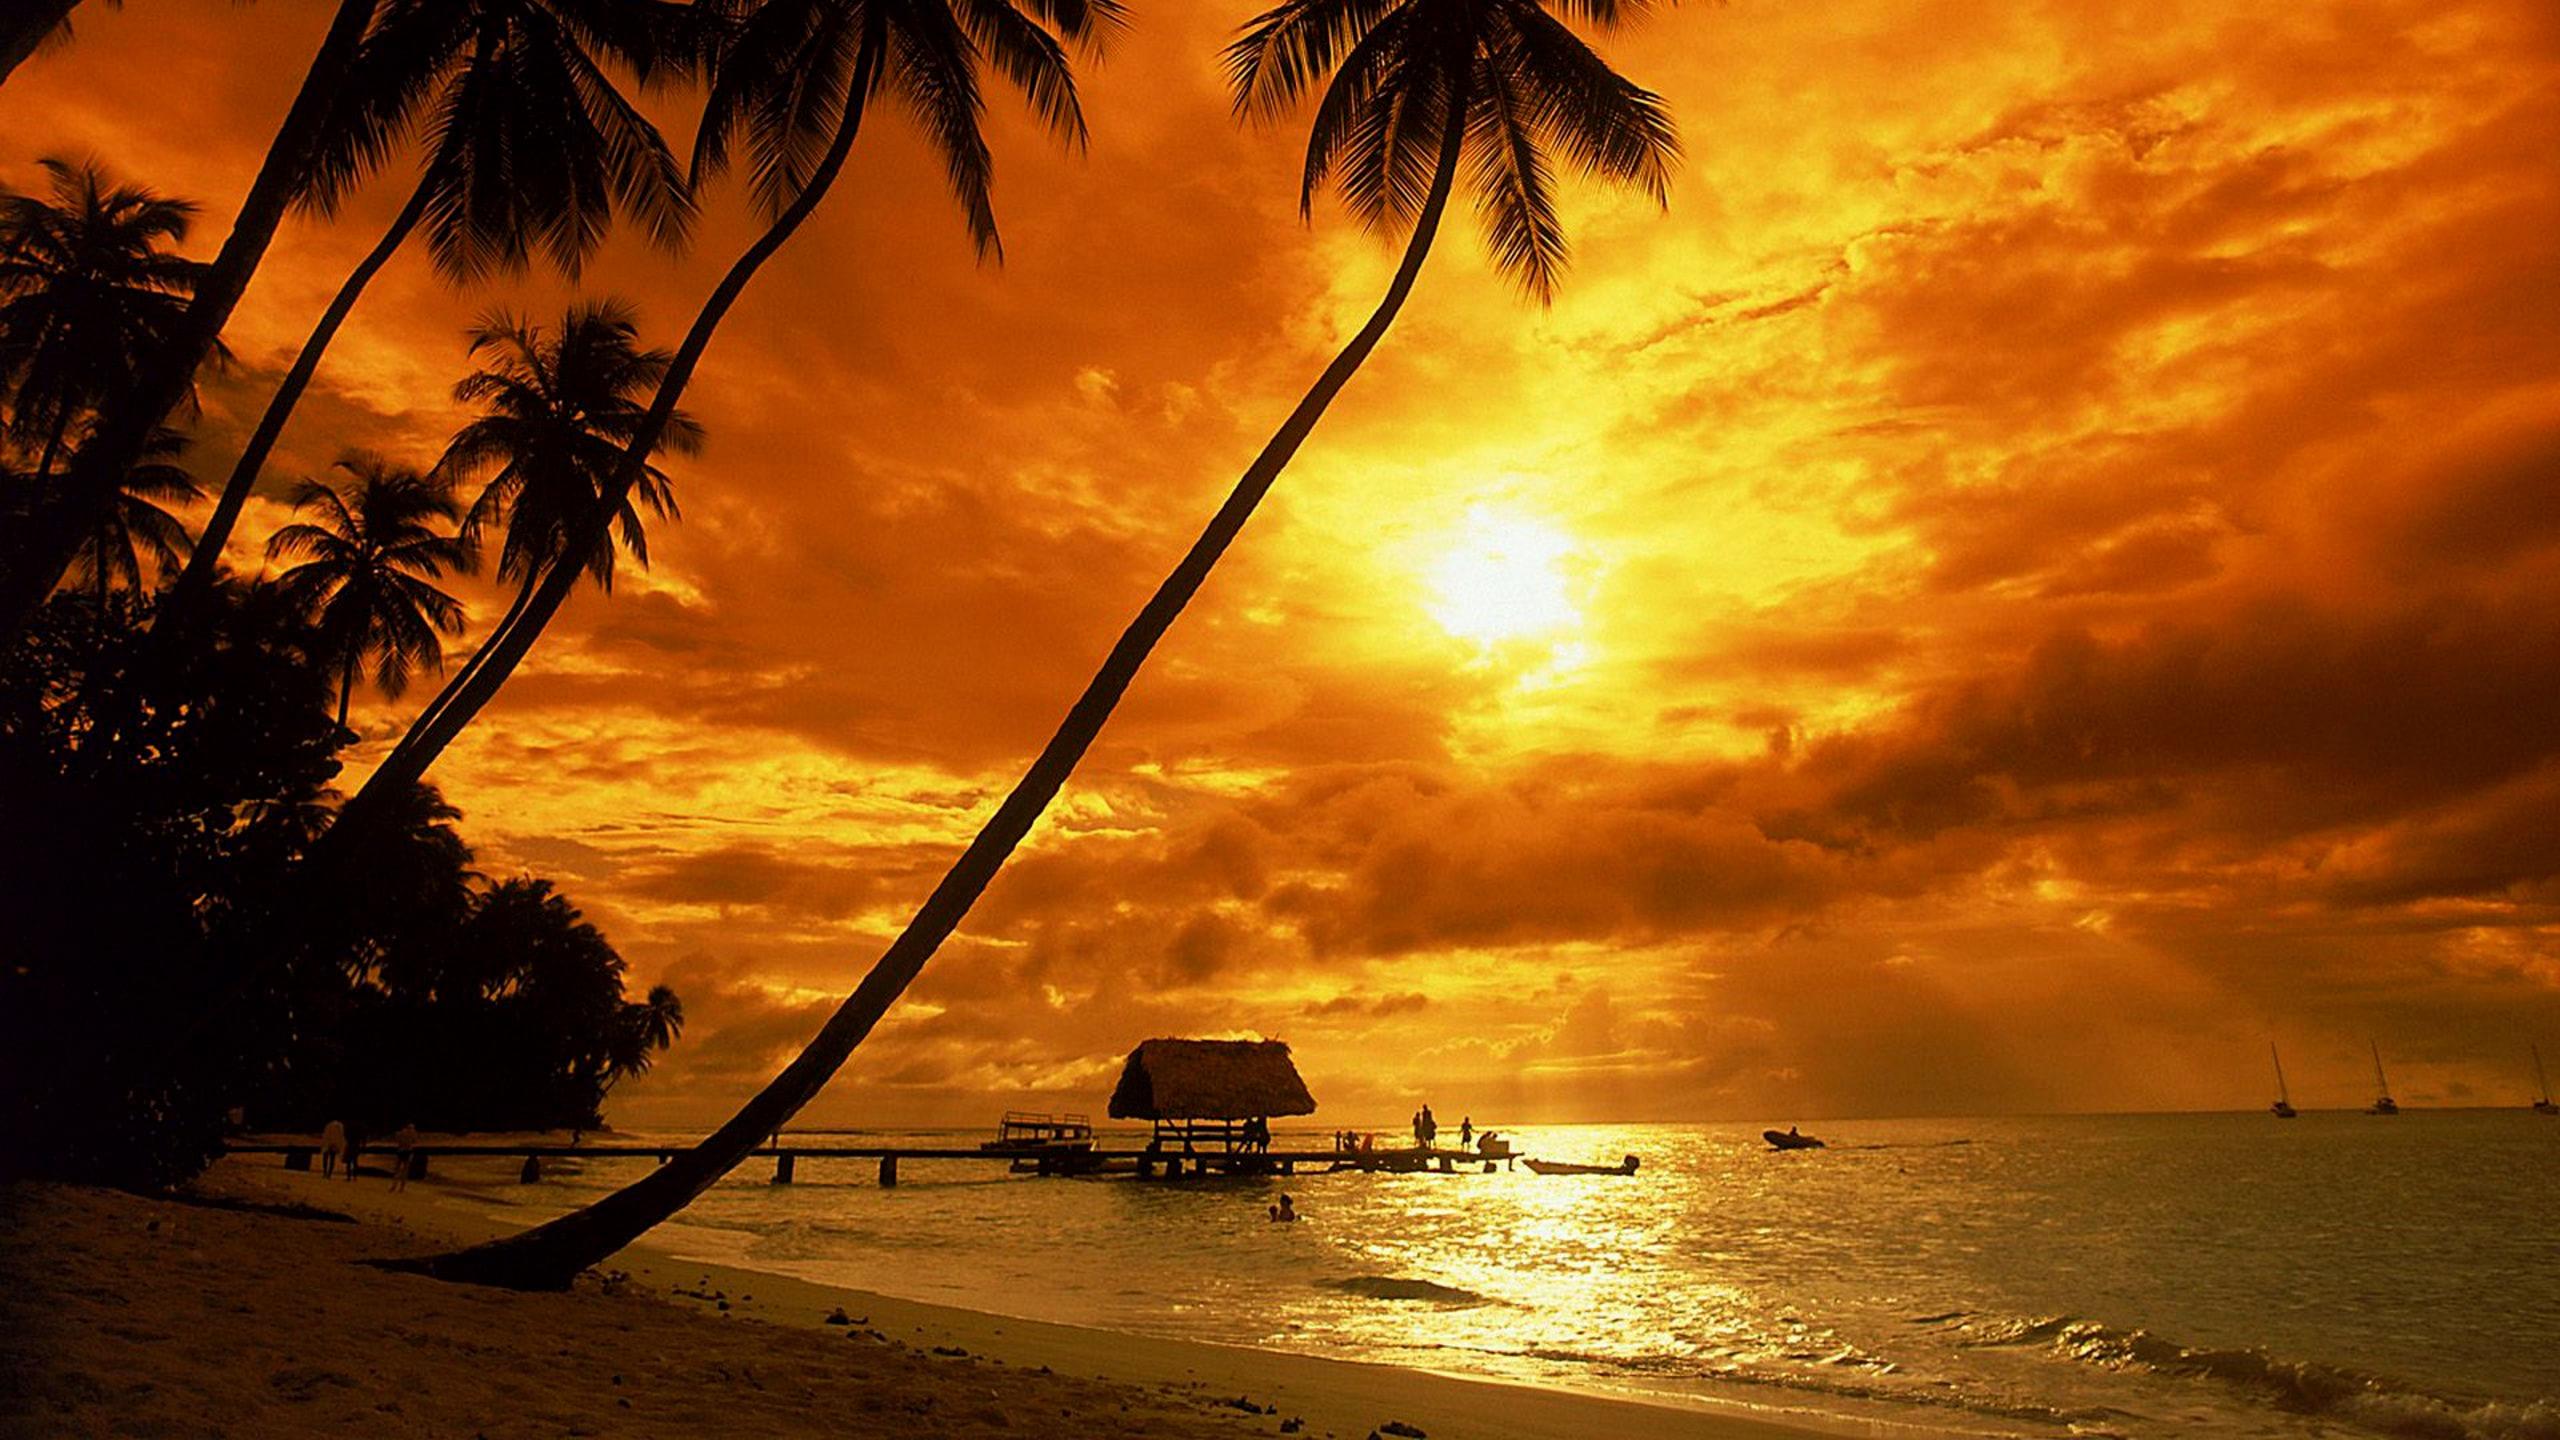 tropical sunset wallpaper - beach wallpapers